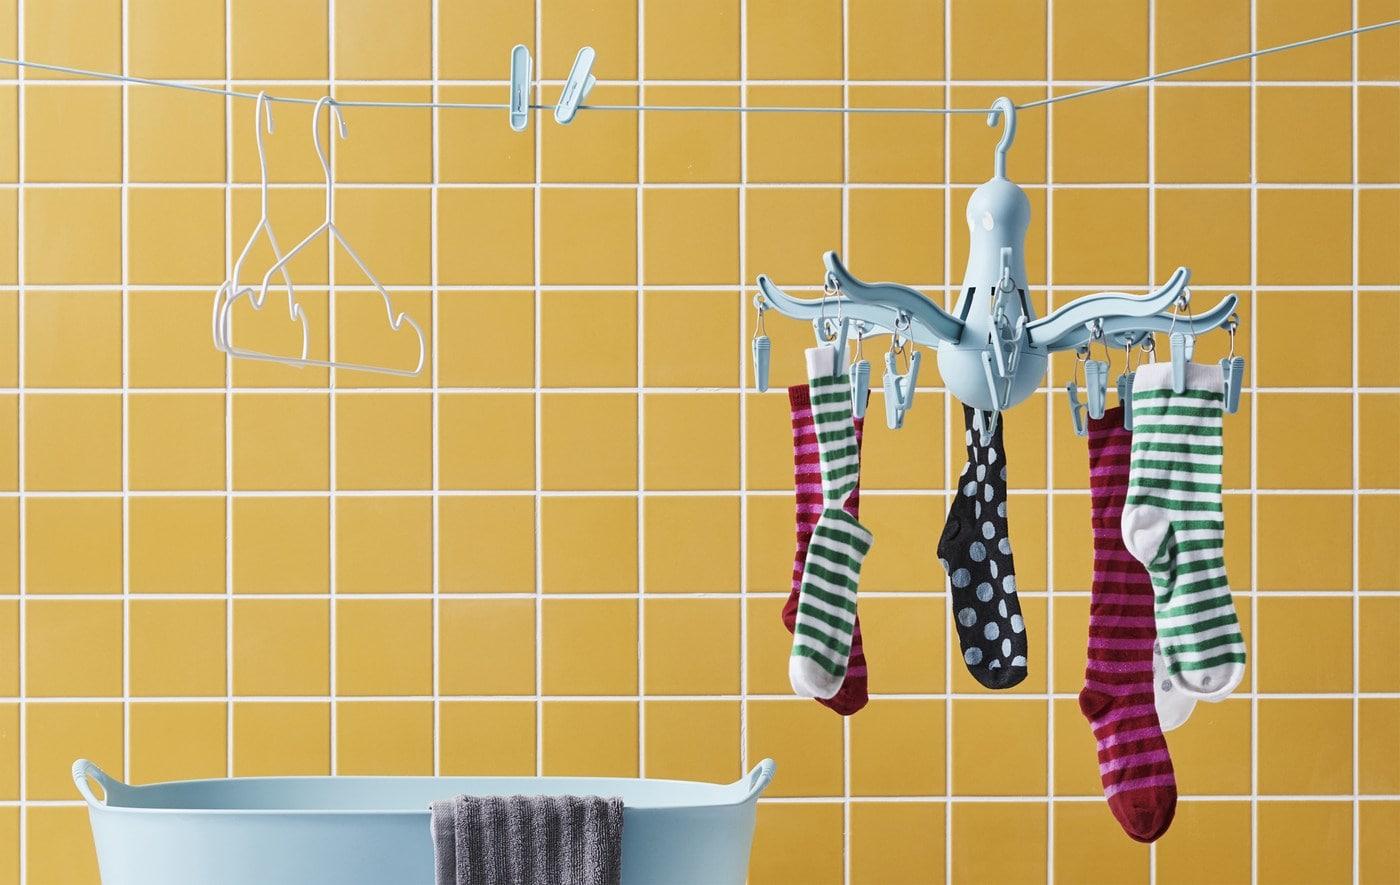 Image de chaussettes accrochées au séchoir PRESSA, lien à IDÉE: Astuces pour changer votre manière de traiter le désordre à la maison